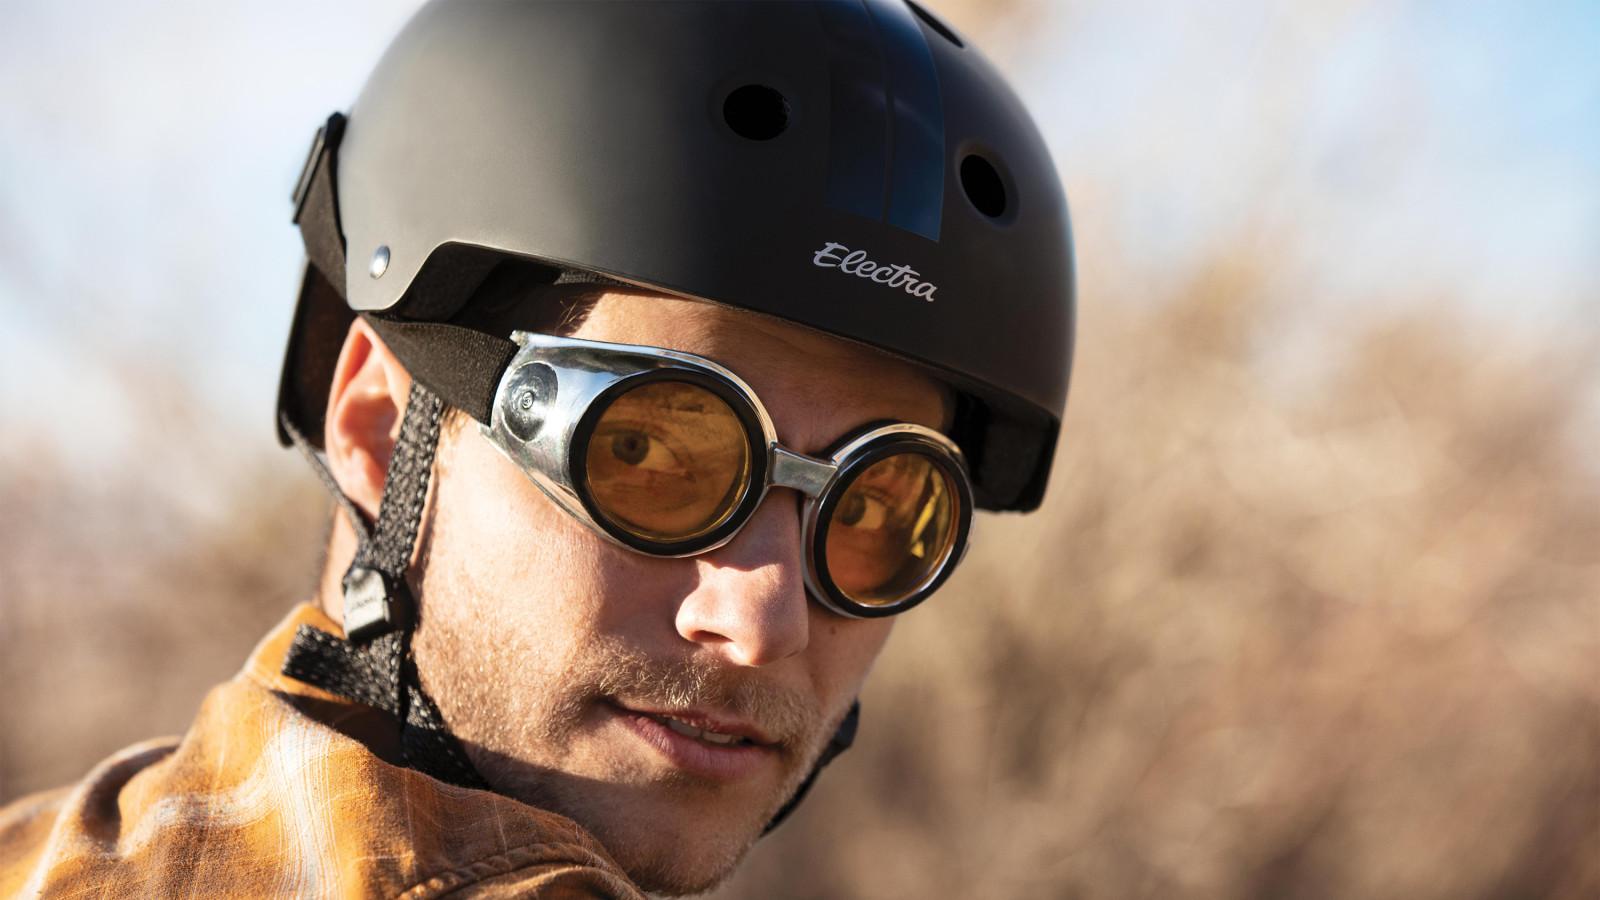 Electra-Helm für sicheres Fahrrad fahren